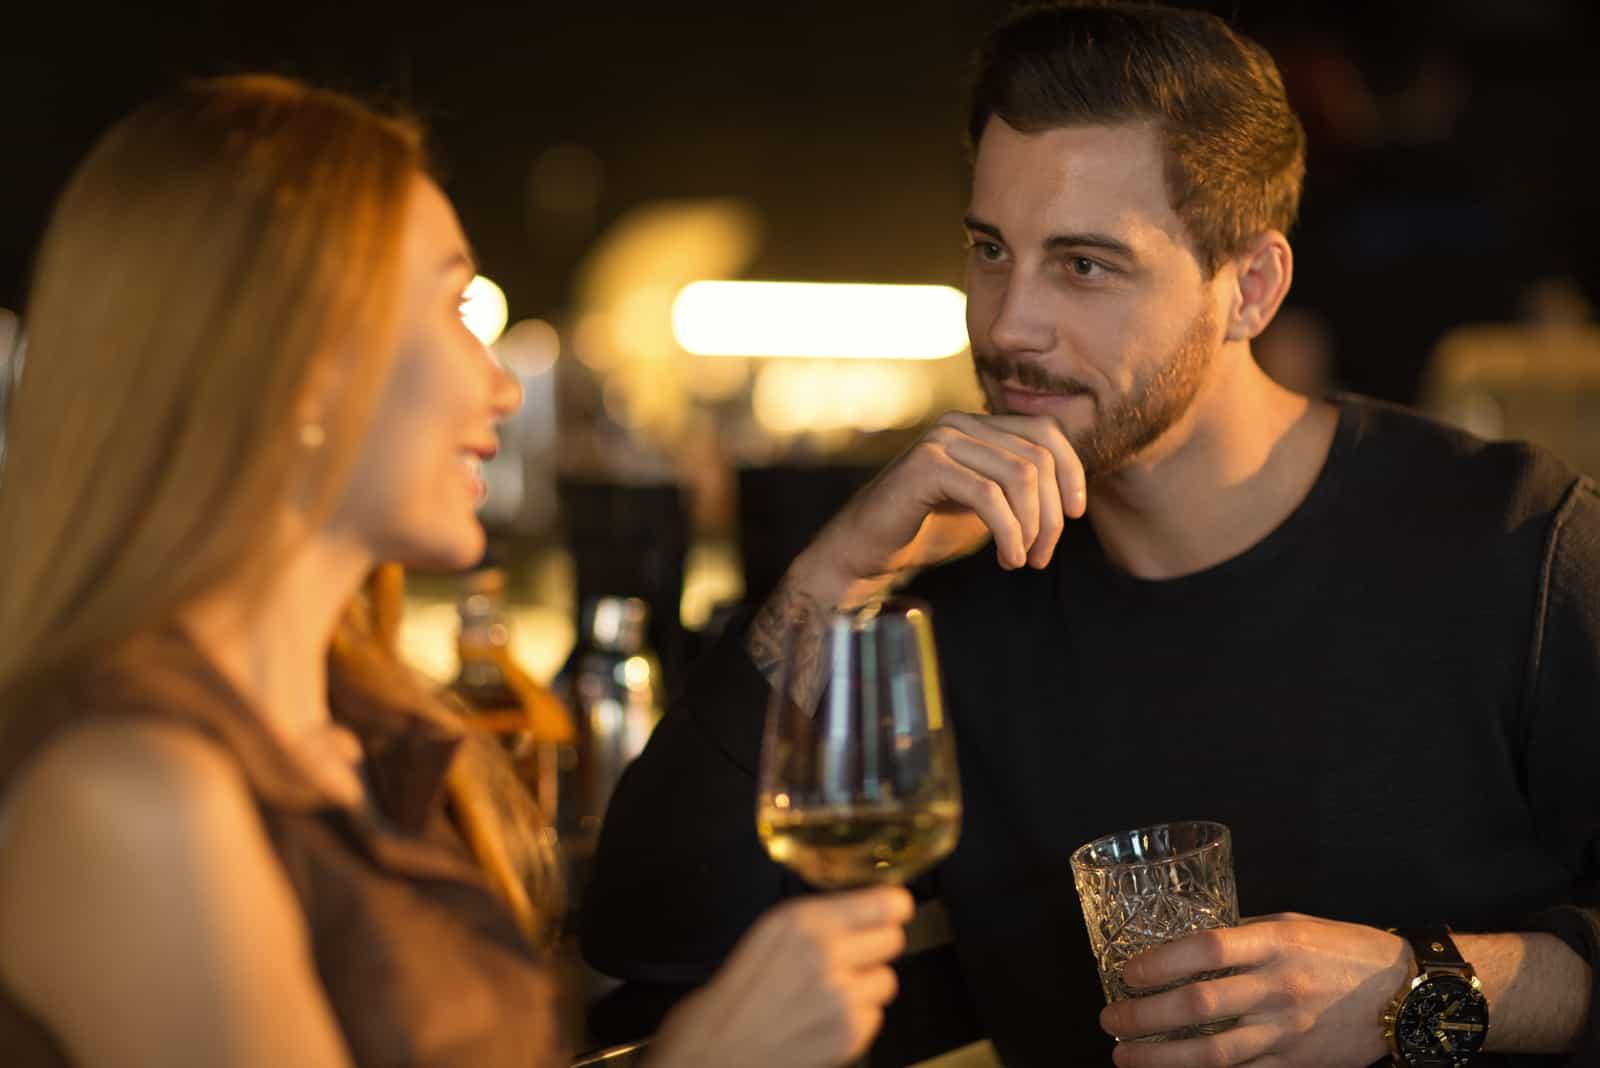 homme regardant une femme assis dans un bar